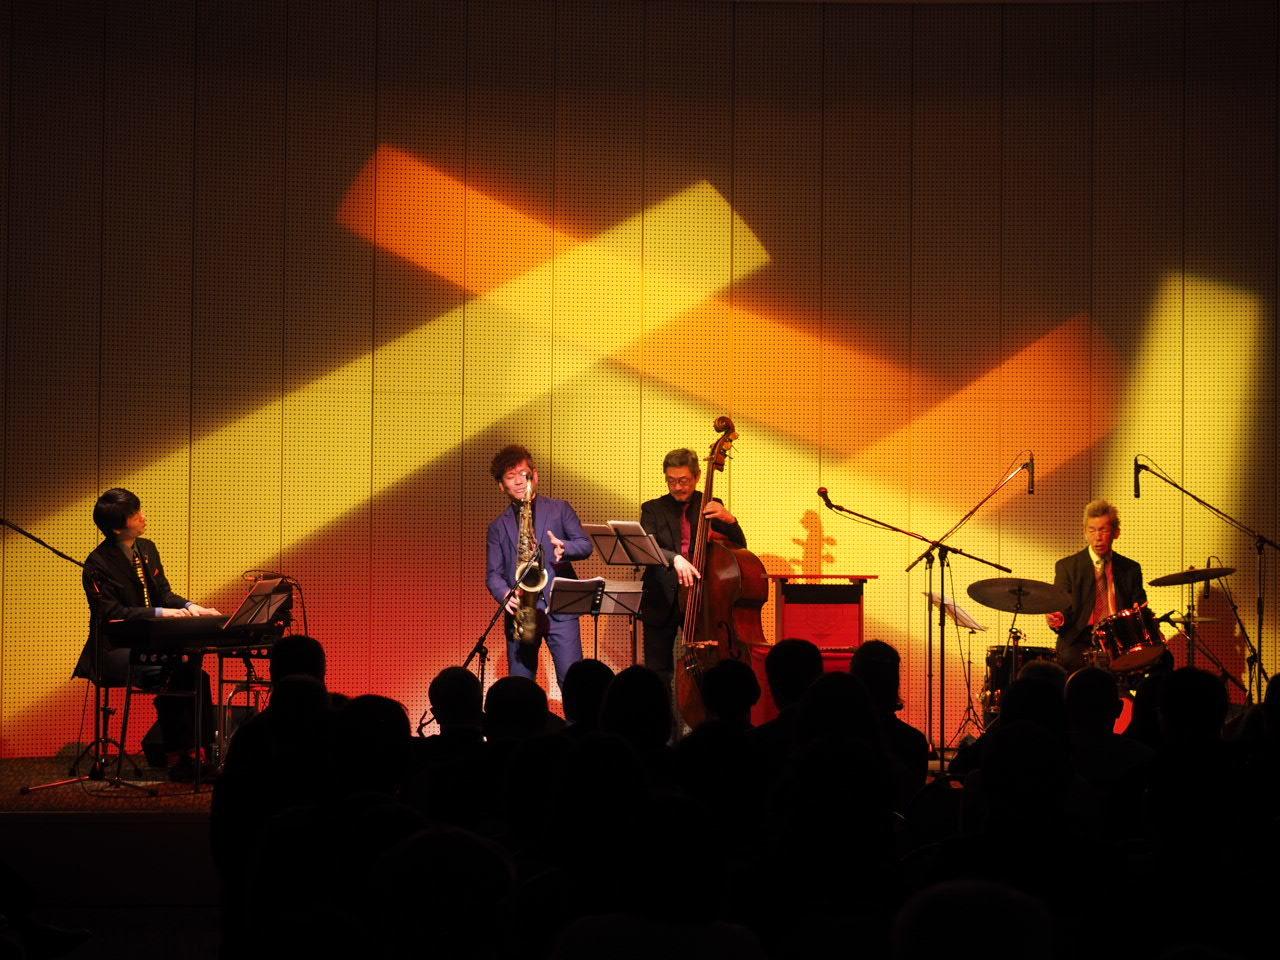 ジャズ講談のコンサートでした 2020年冬_f0135940_01560405.jpg